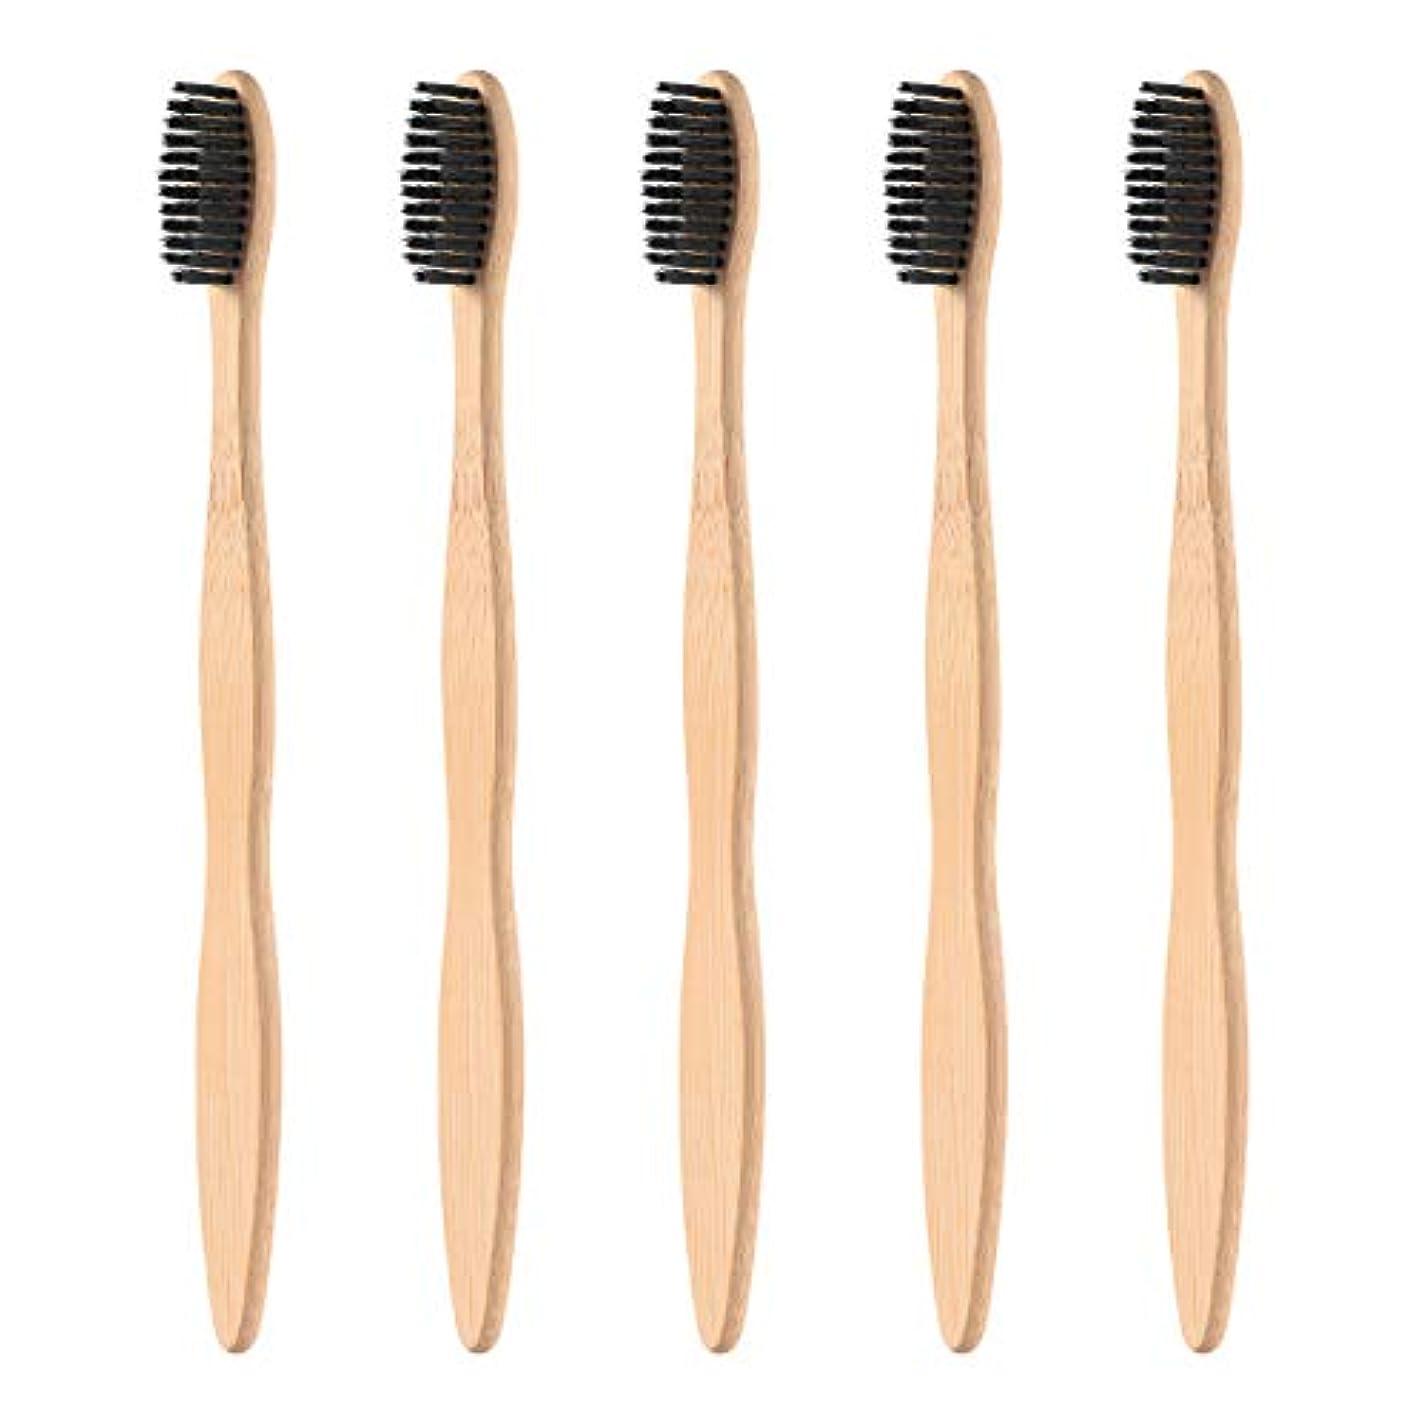 SUPVOX 5本の天然竹製の歯ブラシ木製エコフレンドリーな歯ブラシで黒く柔らかい剛毛